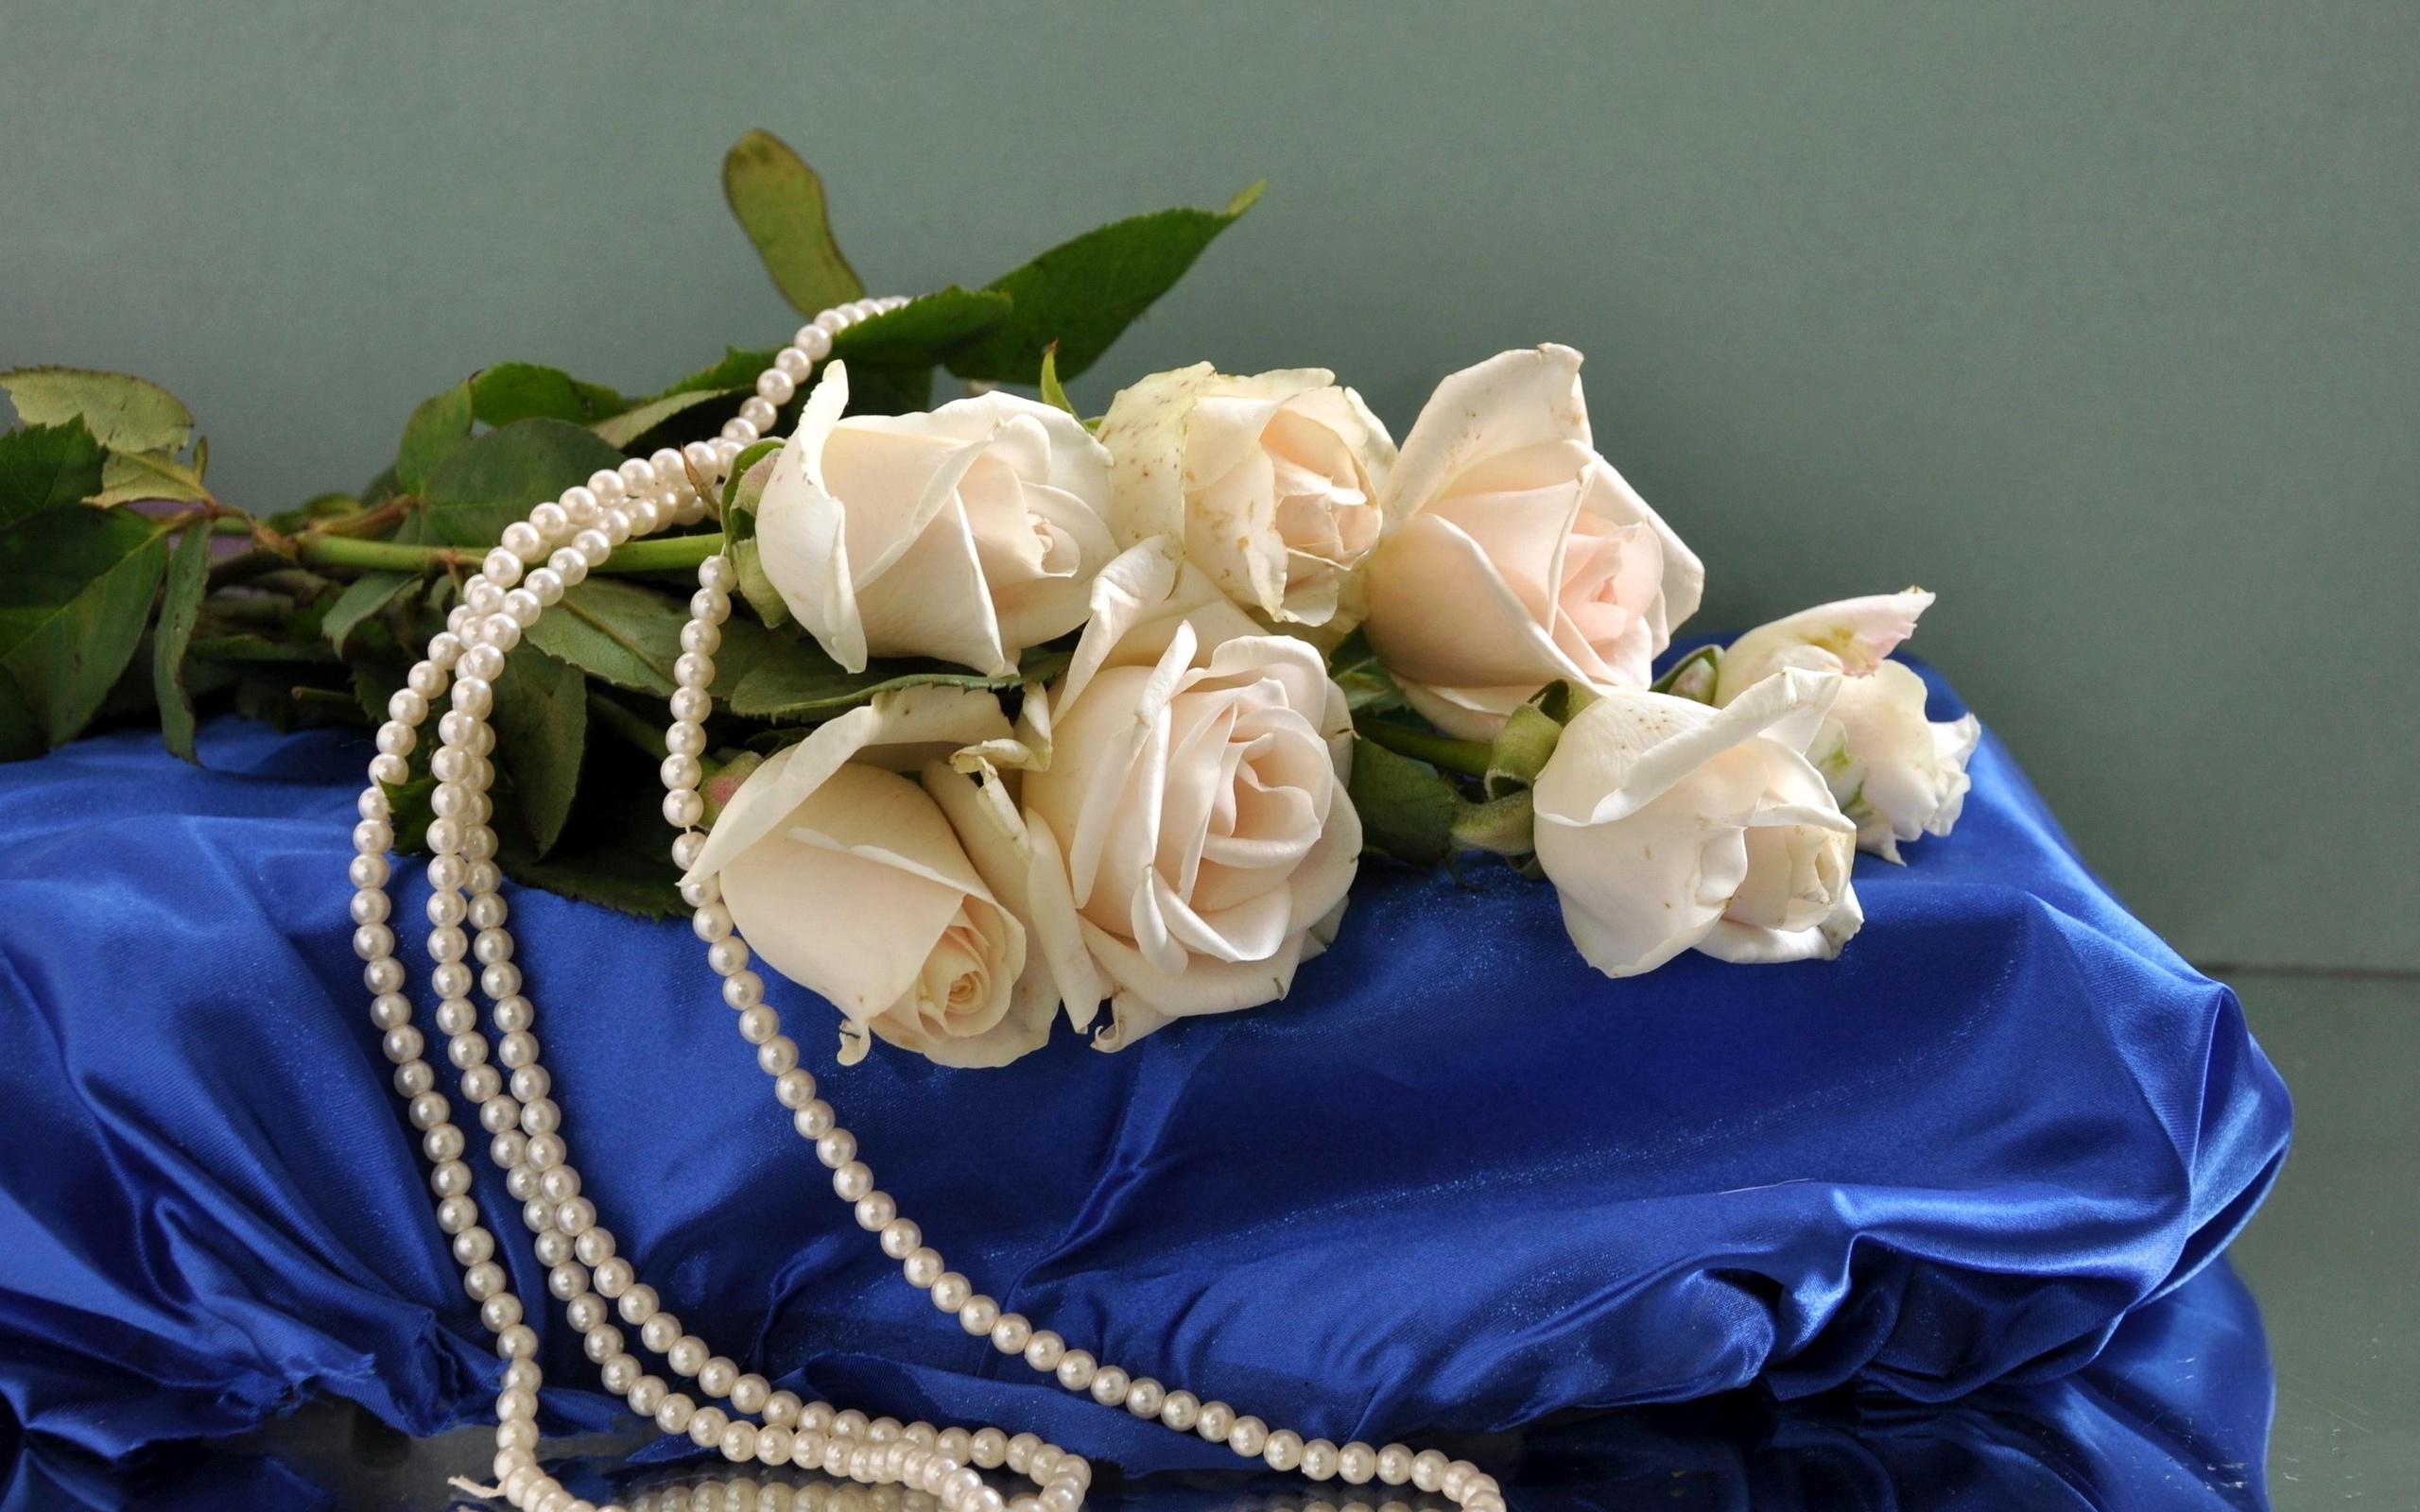 реальности открытки жемчуг и цветы женщины